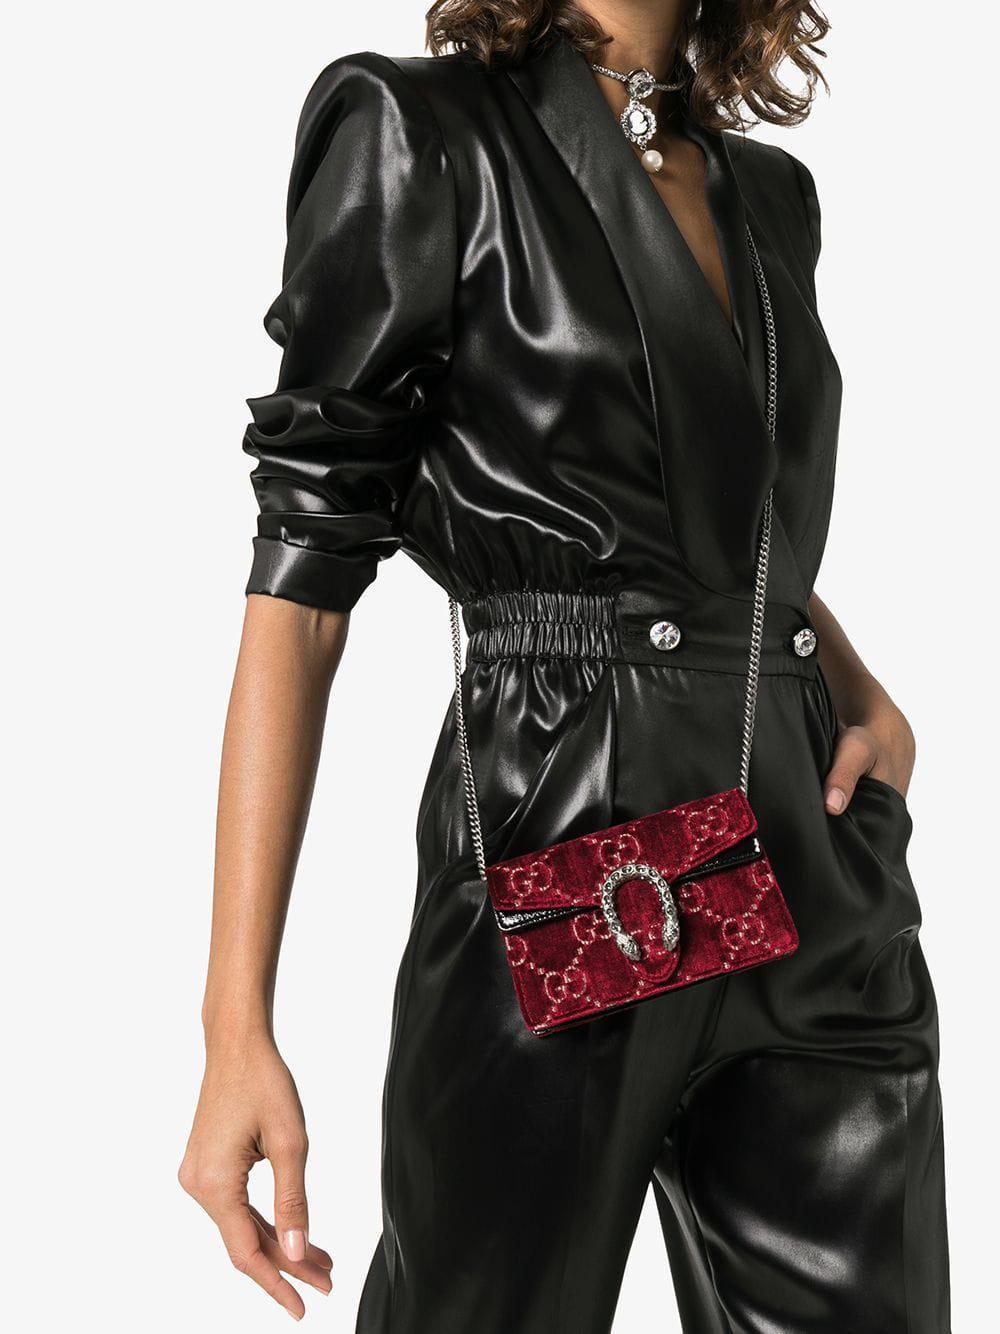 79b4fa2c52d Lyst - Gucci Dionysus Gg Velvet Super Mini Bag in Red